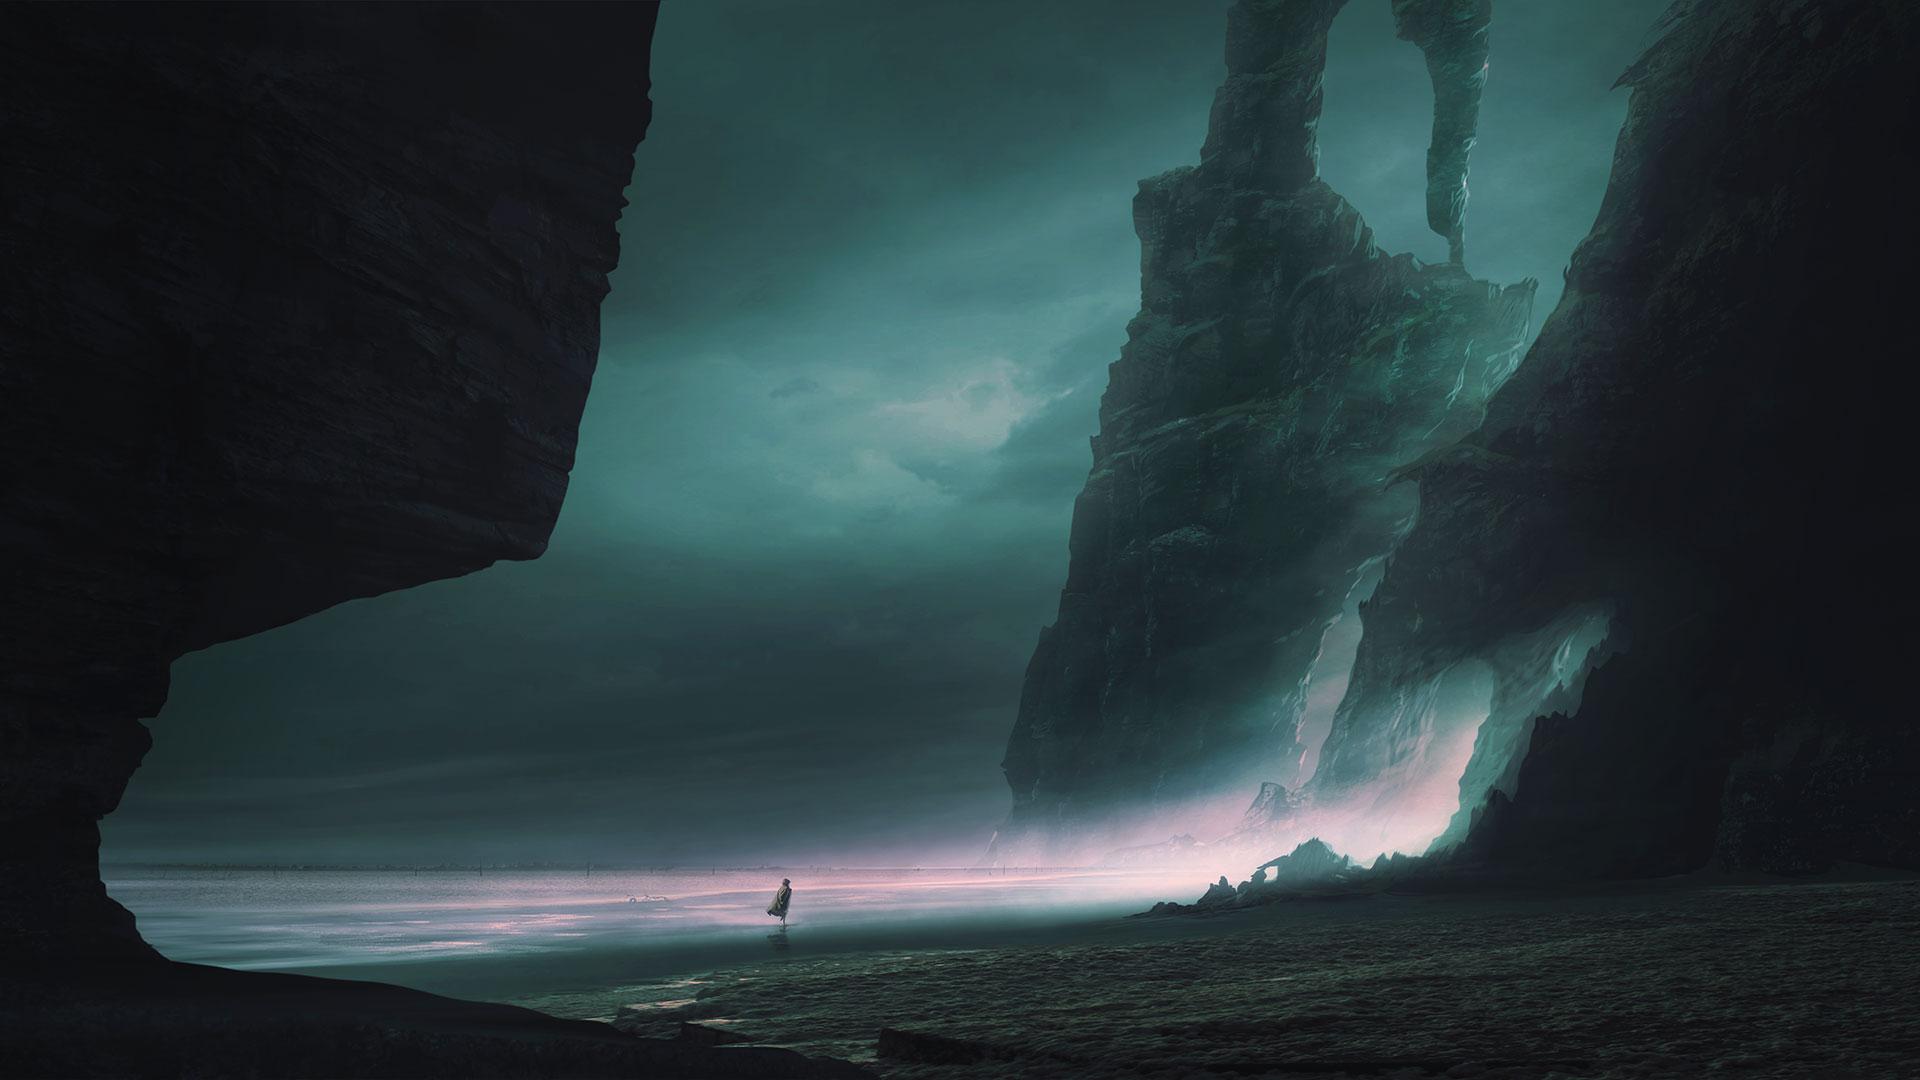 Vikings - Walls of the Aesir